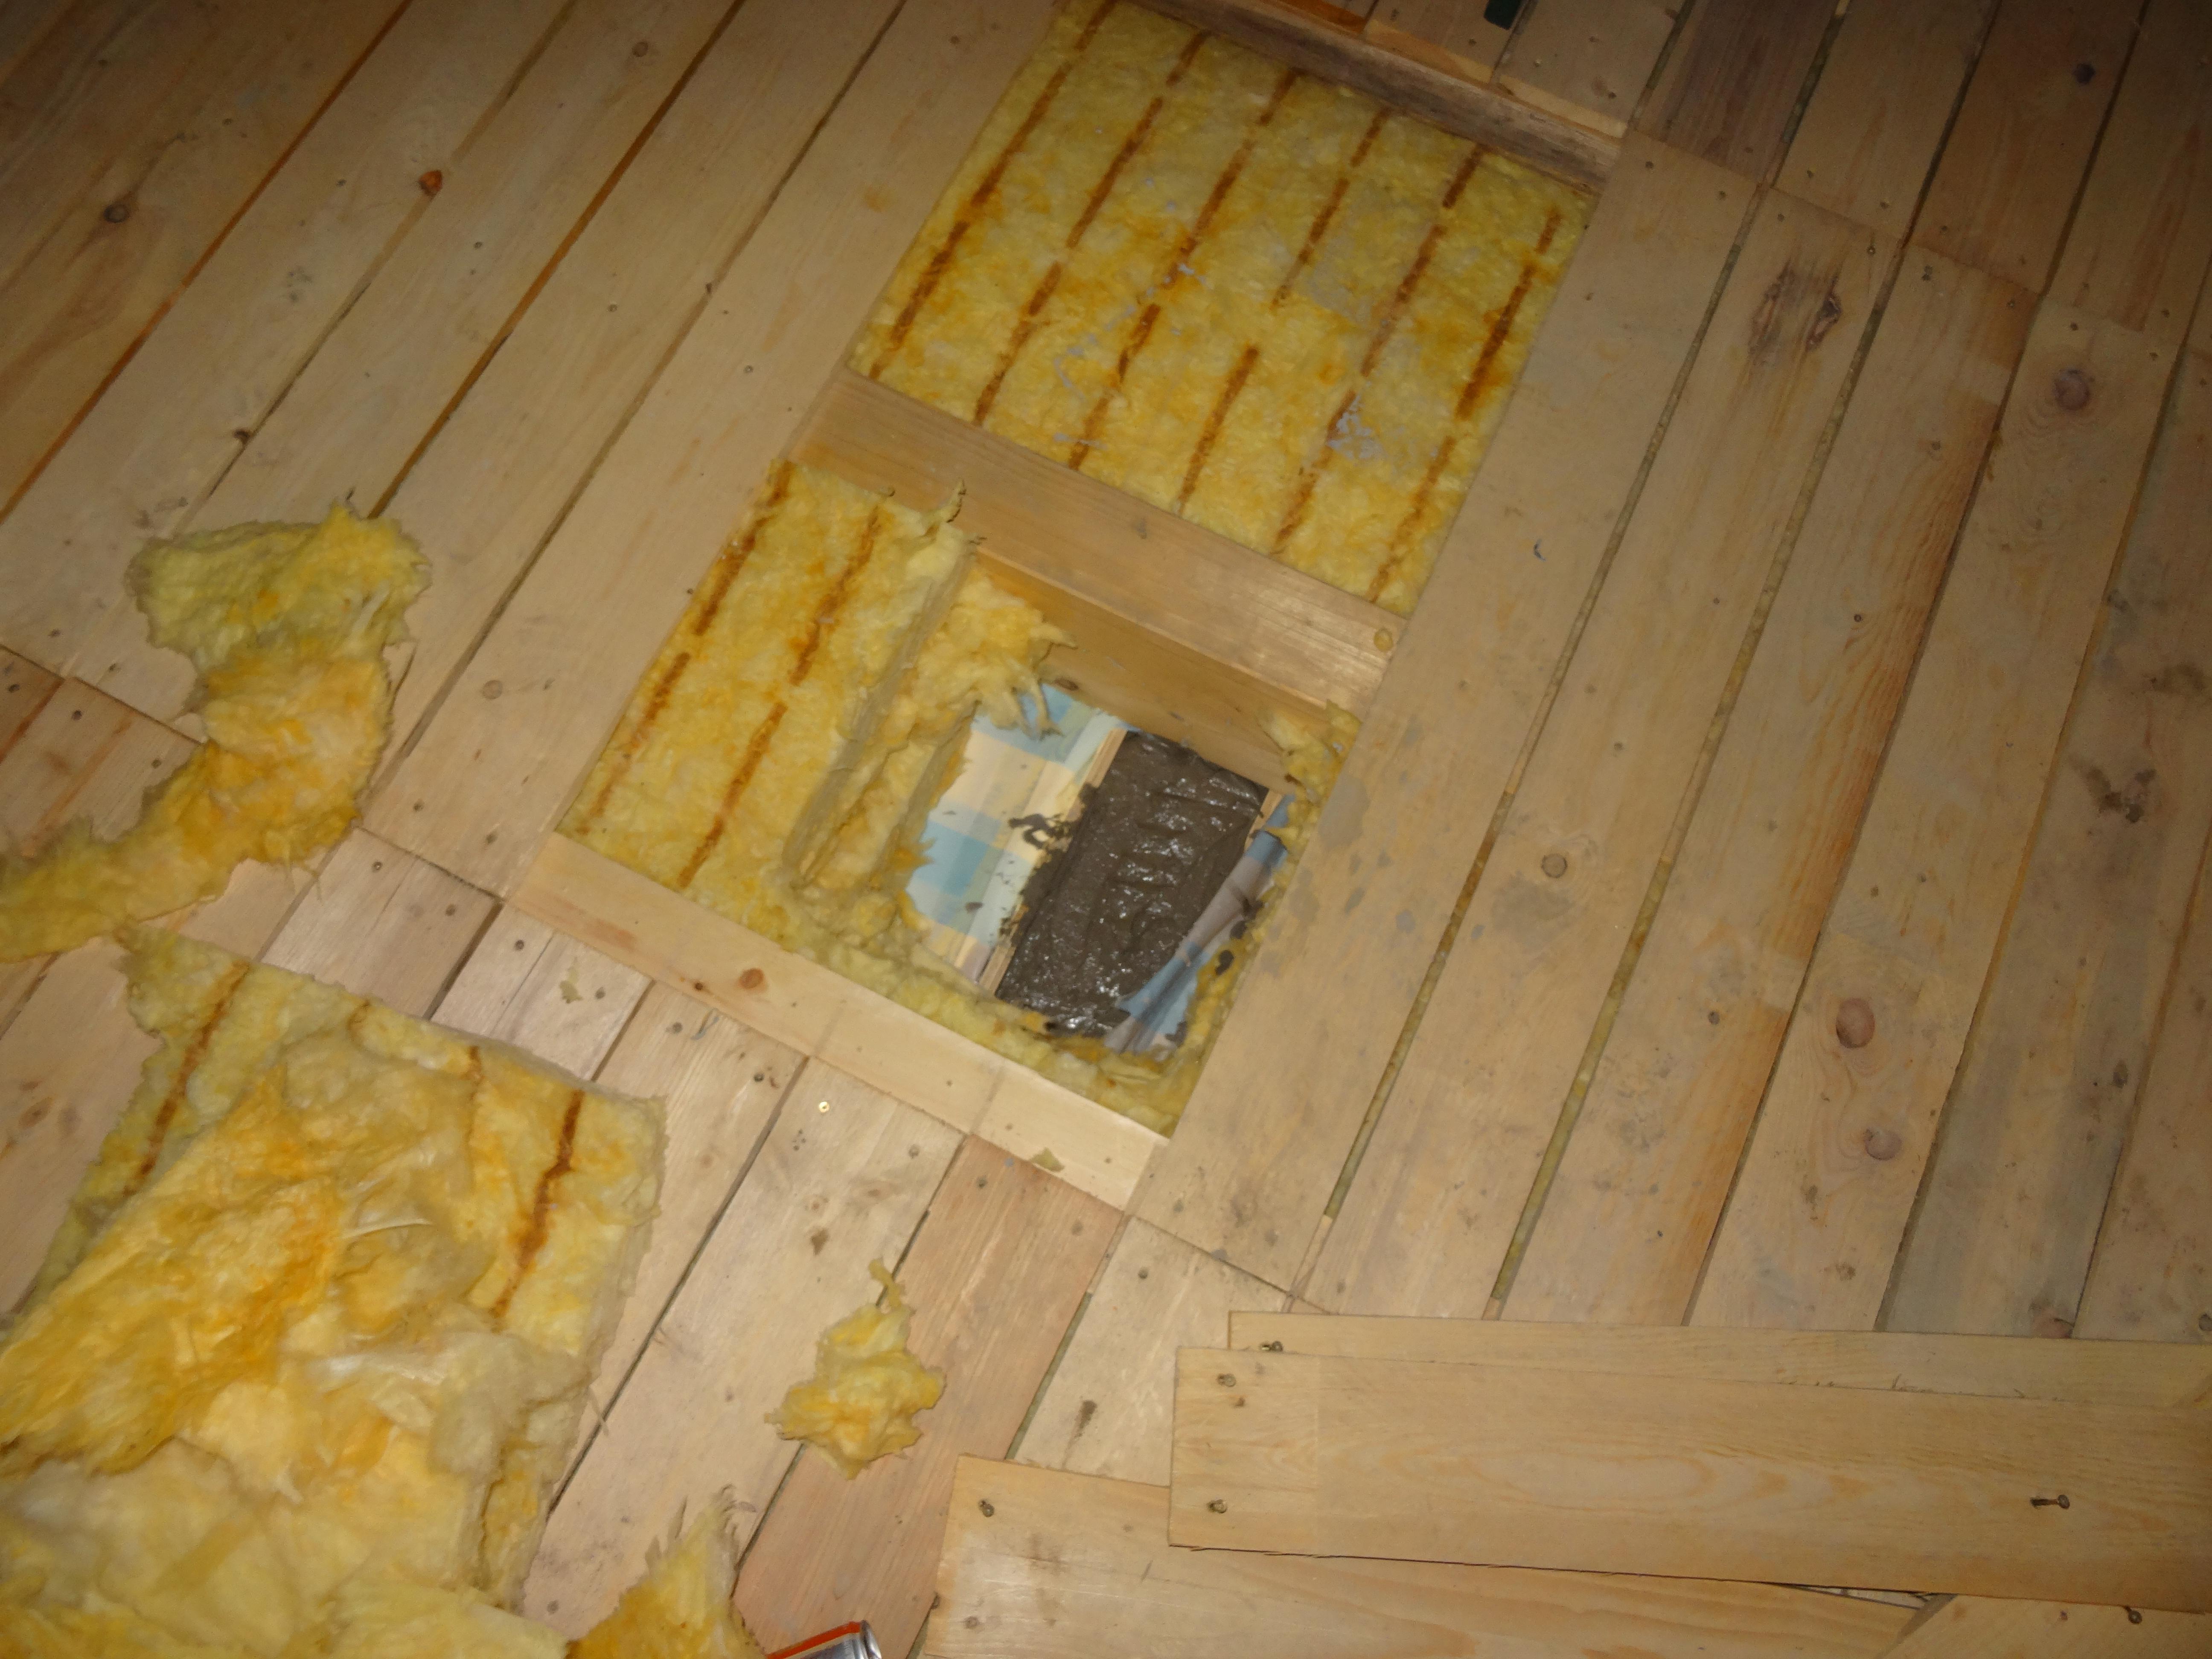 Fußboden Fliesen Verlegen Kosten ~ Fußboden fliesen verlegen kosten dachboden ausbauen fußboden